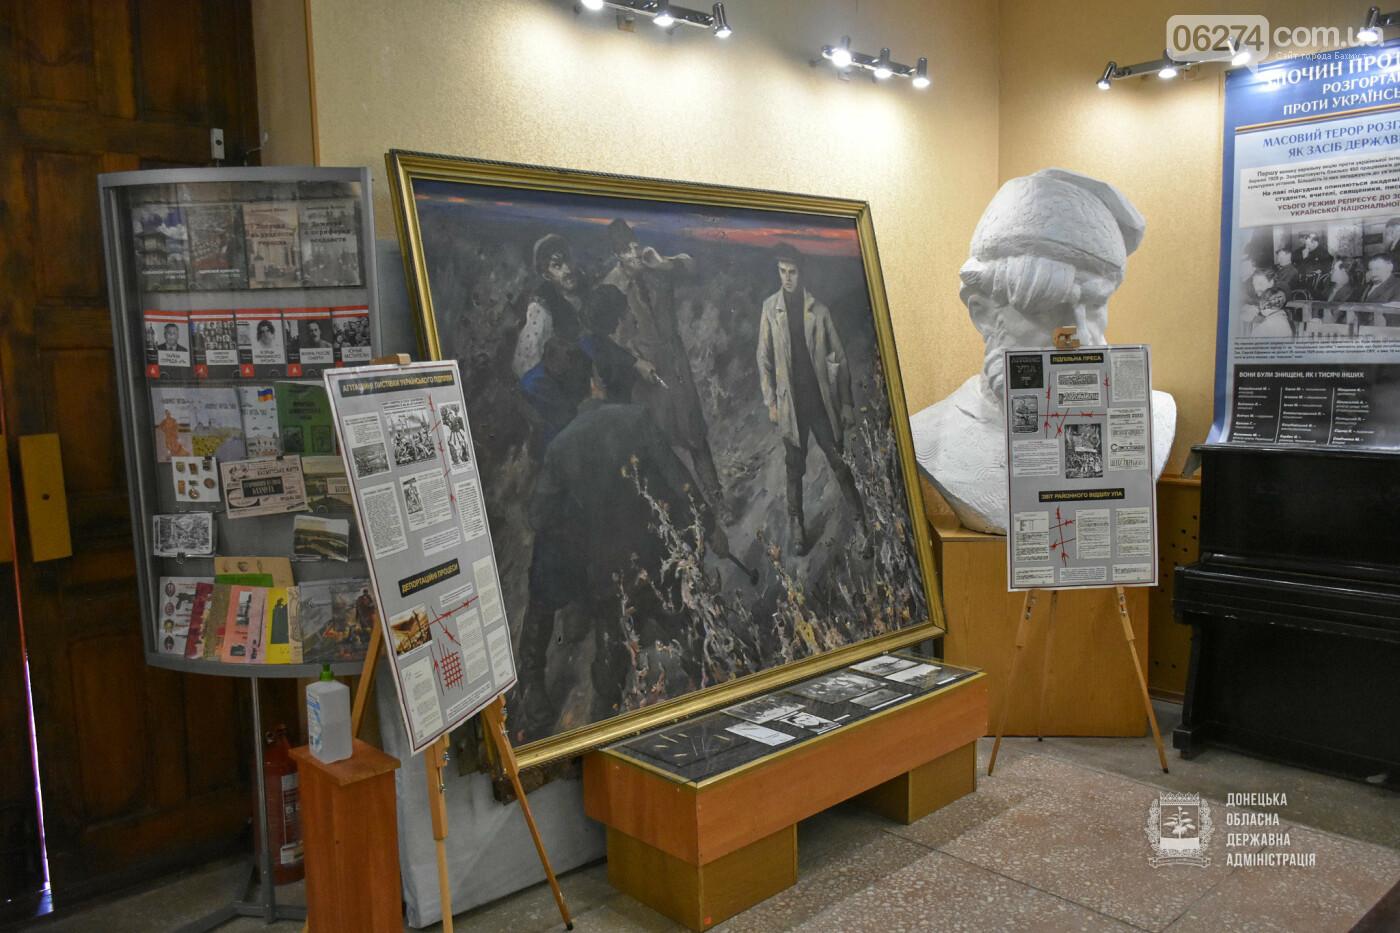 В Бахмуте открылась онлайн-выставка памяти жертв Голодомора и Большого террора, фото-2